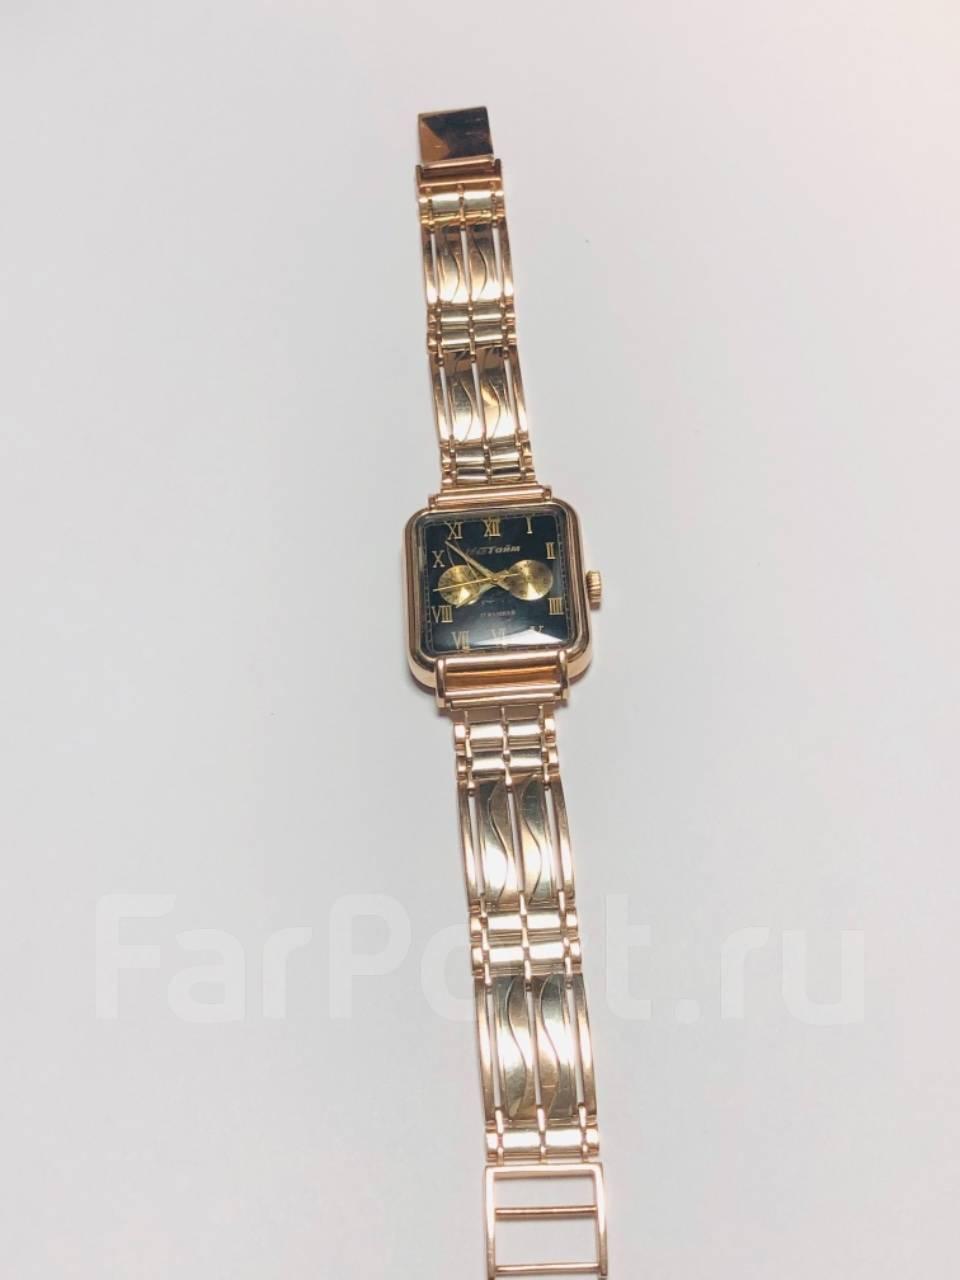 Купить часы ювелирные в Челябинске. Цены, фото! Ювелирные изделия и  украшения. 9d4a6a3ce52